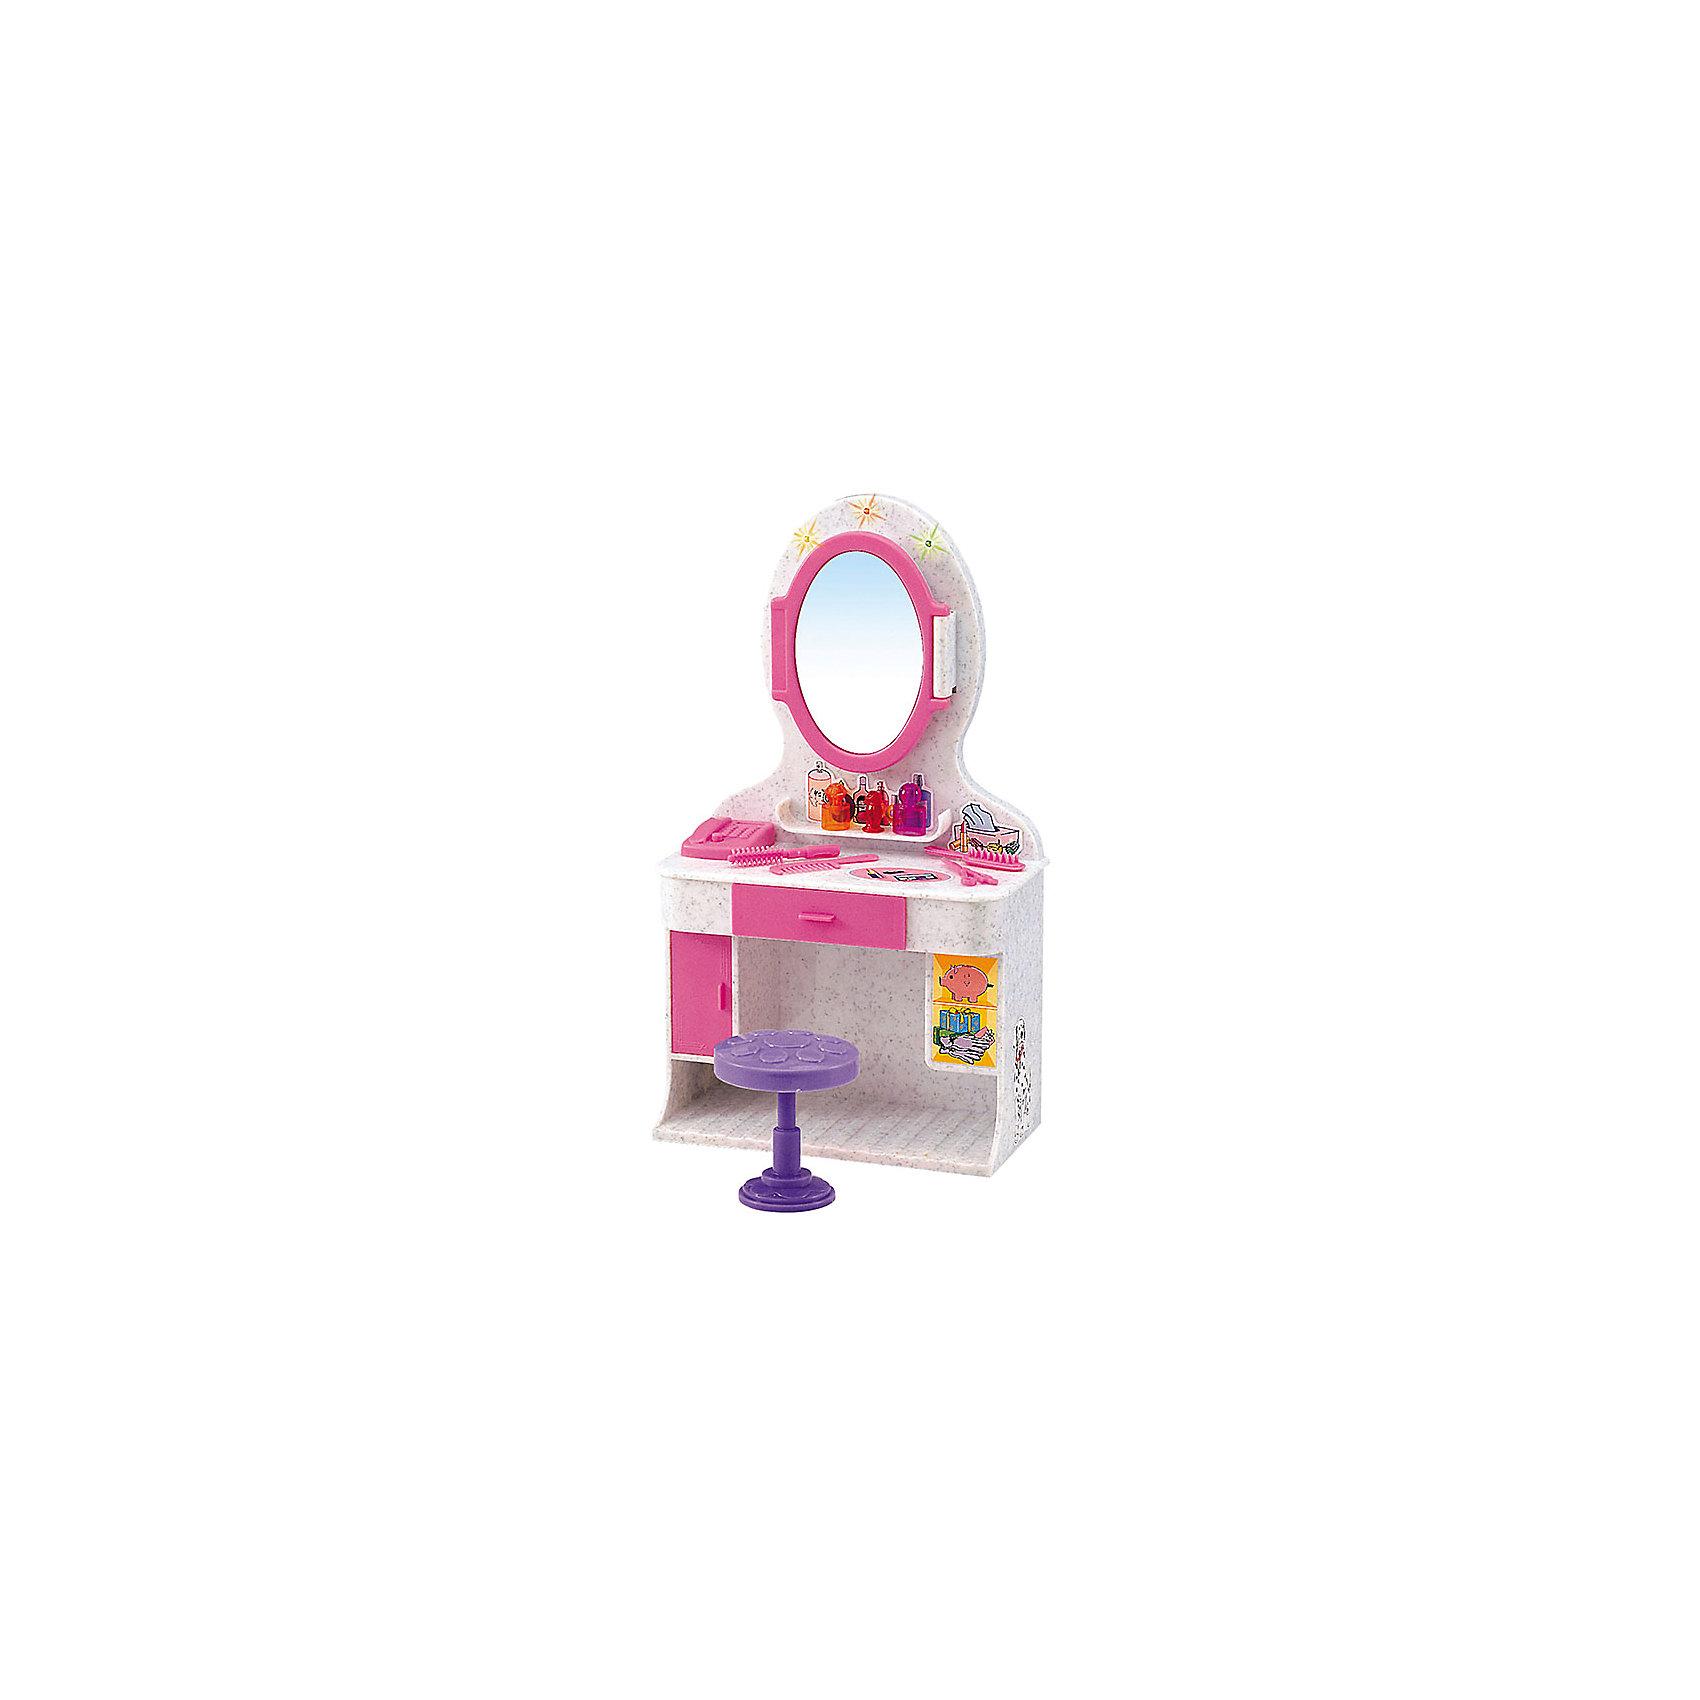 Набор мебели для кукол Магическое зеркало, DollyToyДомики и мебель<br>Характеристики товара:<br><br>• возраст от 3 лет;<br>• материал: пластик;<br>• в комплекте: столик, зеркало, стул, аксессуары;<br>• световые, звуковые эффекты (батарейки в комплекте)<br>• подходит для кукол высотой до 29 см<br>• размер упаковки 31х21х9,5 см;<br>• вес упаковки 560 гр.;<br>• страна производитель: Китай.<br><br>Набор мебели для кукол «Магическое зеркало» представляет собой небольшой туалетный столик с зеркалом для куклы, за которым девочка сможет расчесывать и заплетать кукле волосы, придумывать прически, делать макияж. Набор оснащен световыми и звуковыми эффектами, которые делают игру увлекательней. Игрушка изготовлена из качественного безопасного пластика.<br><br>Набор мебели для кукол «Магическое зеркало» DollyToy можно приобрести в нашем интернет-магазине.<br><br>Ширина мм: 310<br>Глубина мм: 210<br>Высота мм: 95<br>Вес г: 560<br>Возраст от месяцев: 36<br>Возраст до месяцев: 72<br>Пол: Женский<br>Возраст: Детский<br>SKU: 5581275